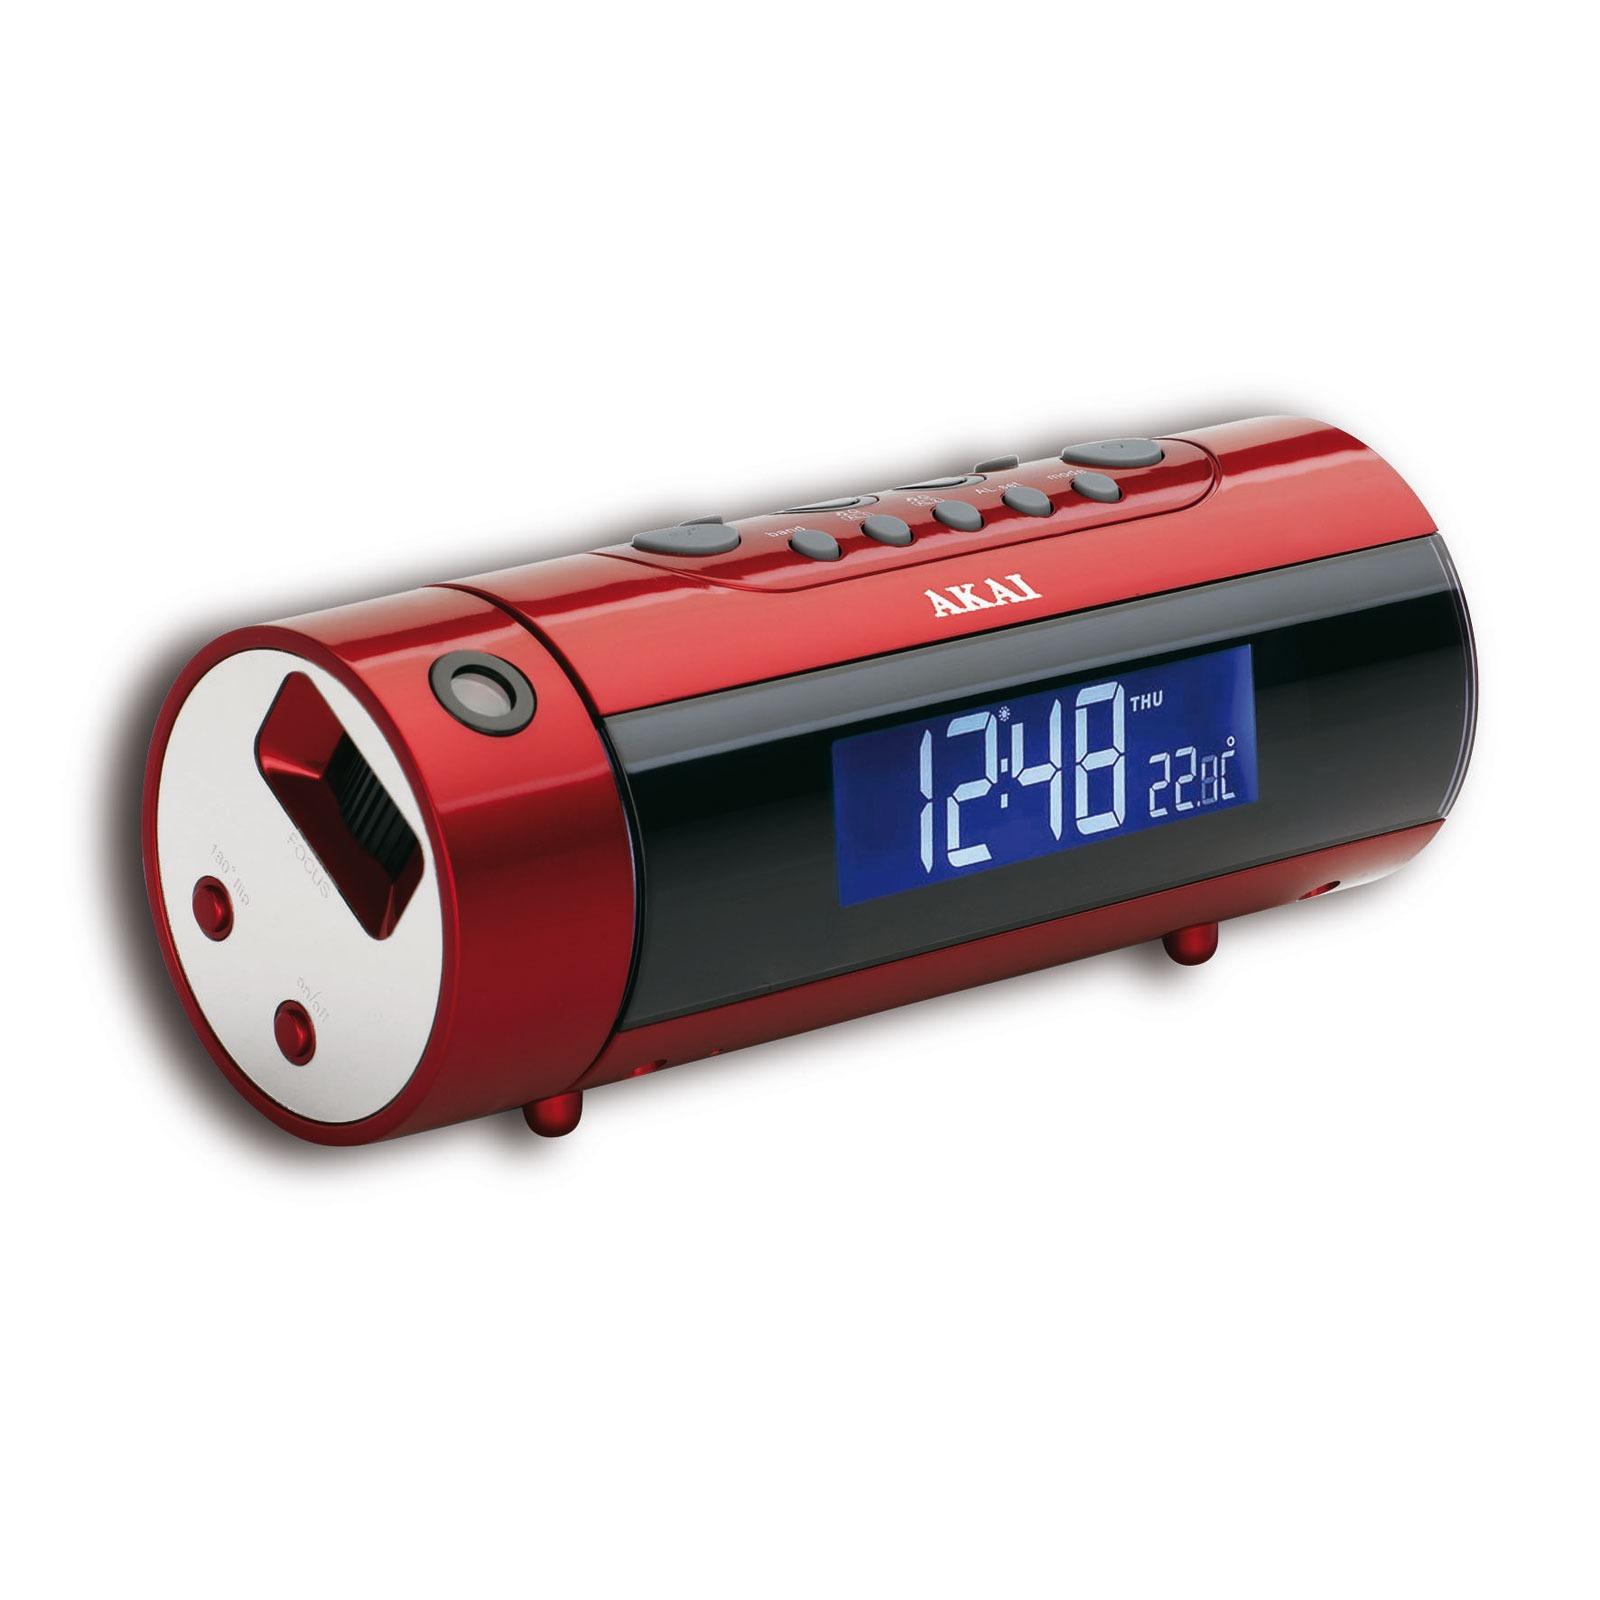 akai arp 140 rouge radio radio r veil aka sur ldlc. Black Bedroom Furniture Sets. Home Design Ideas